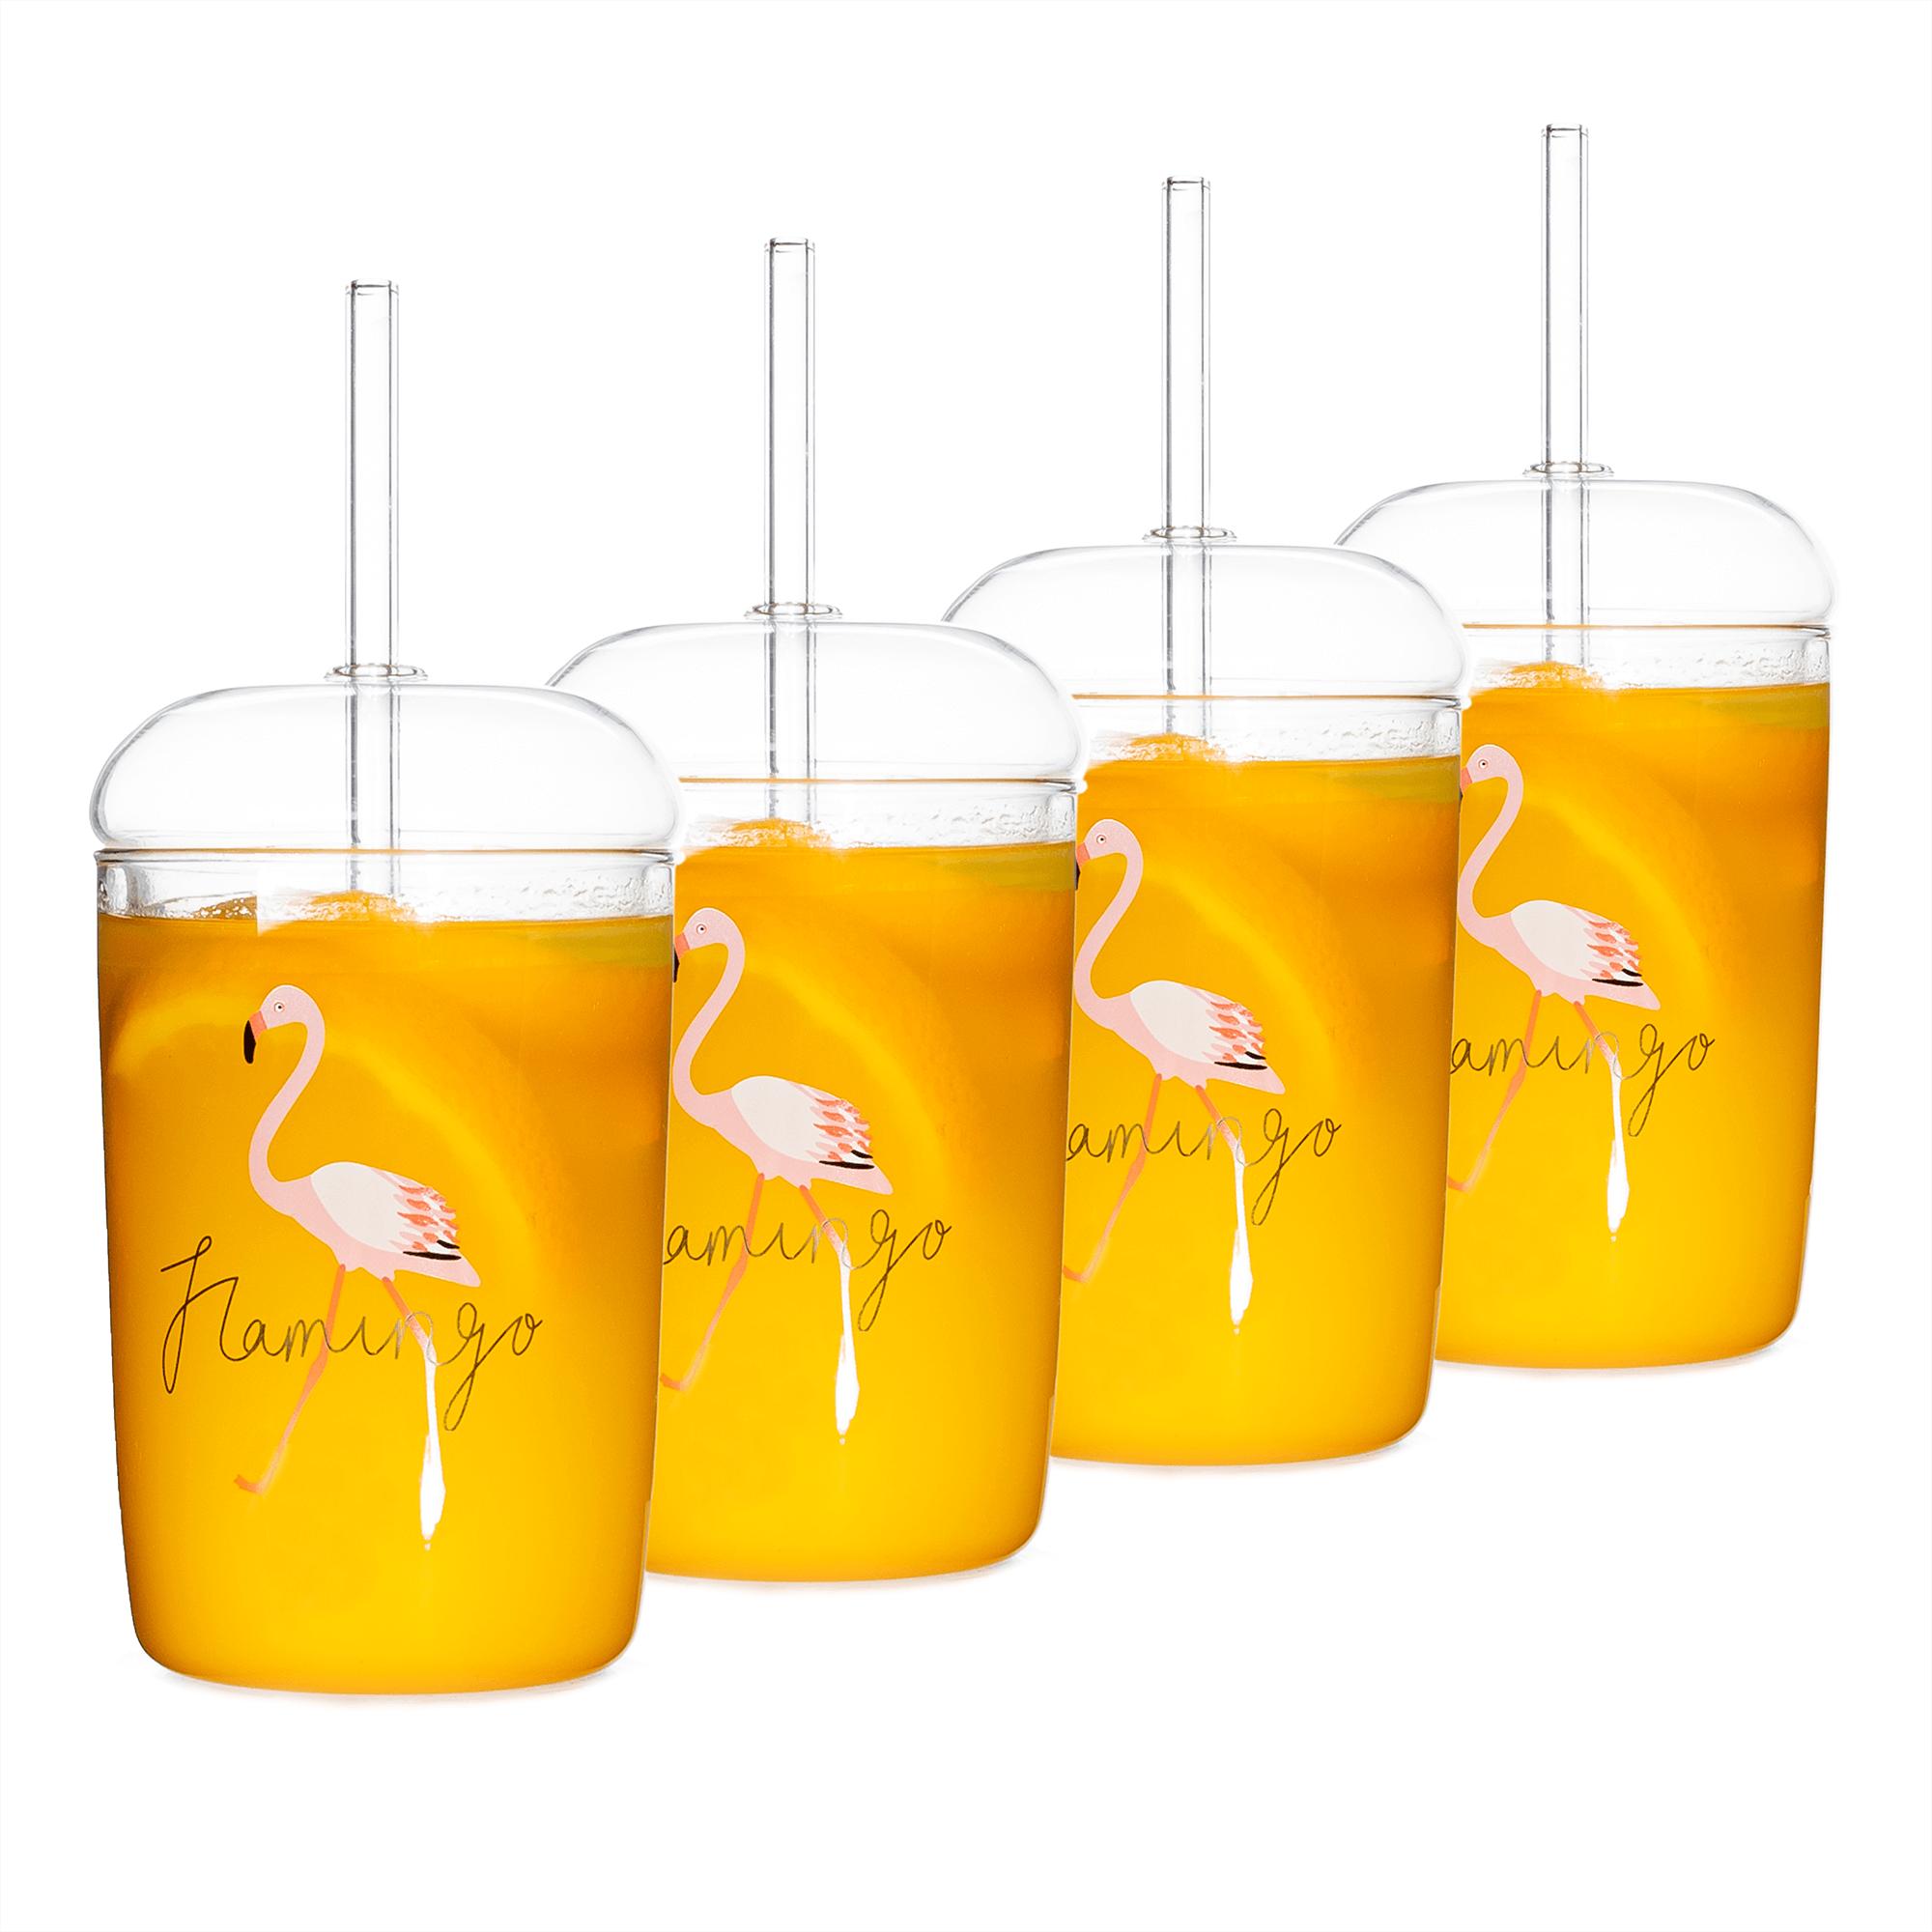 Thermo pohár italokhoz, fedővel és szívószállal, 4 db. szett, 250ml, HOTCOOL TYP 7